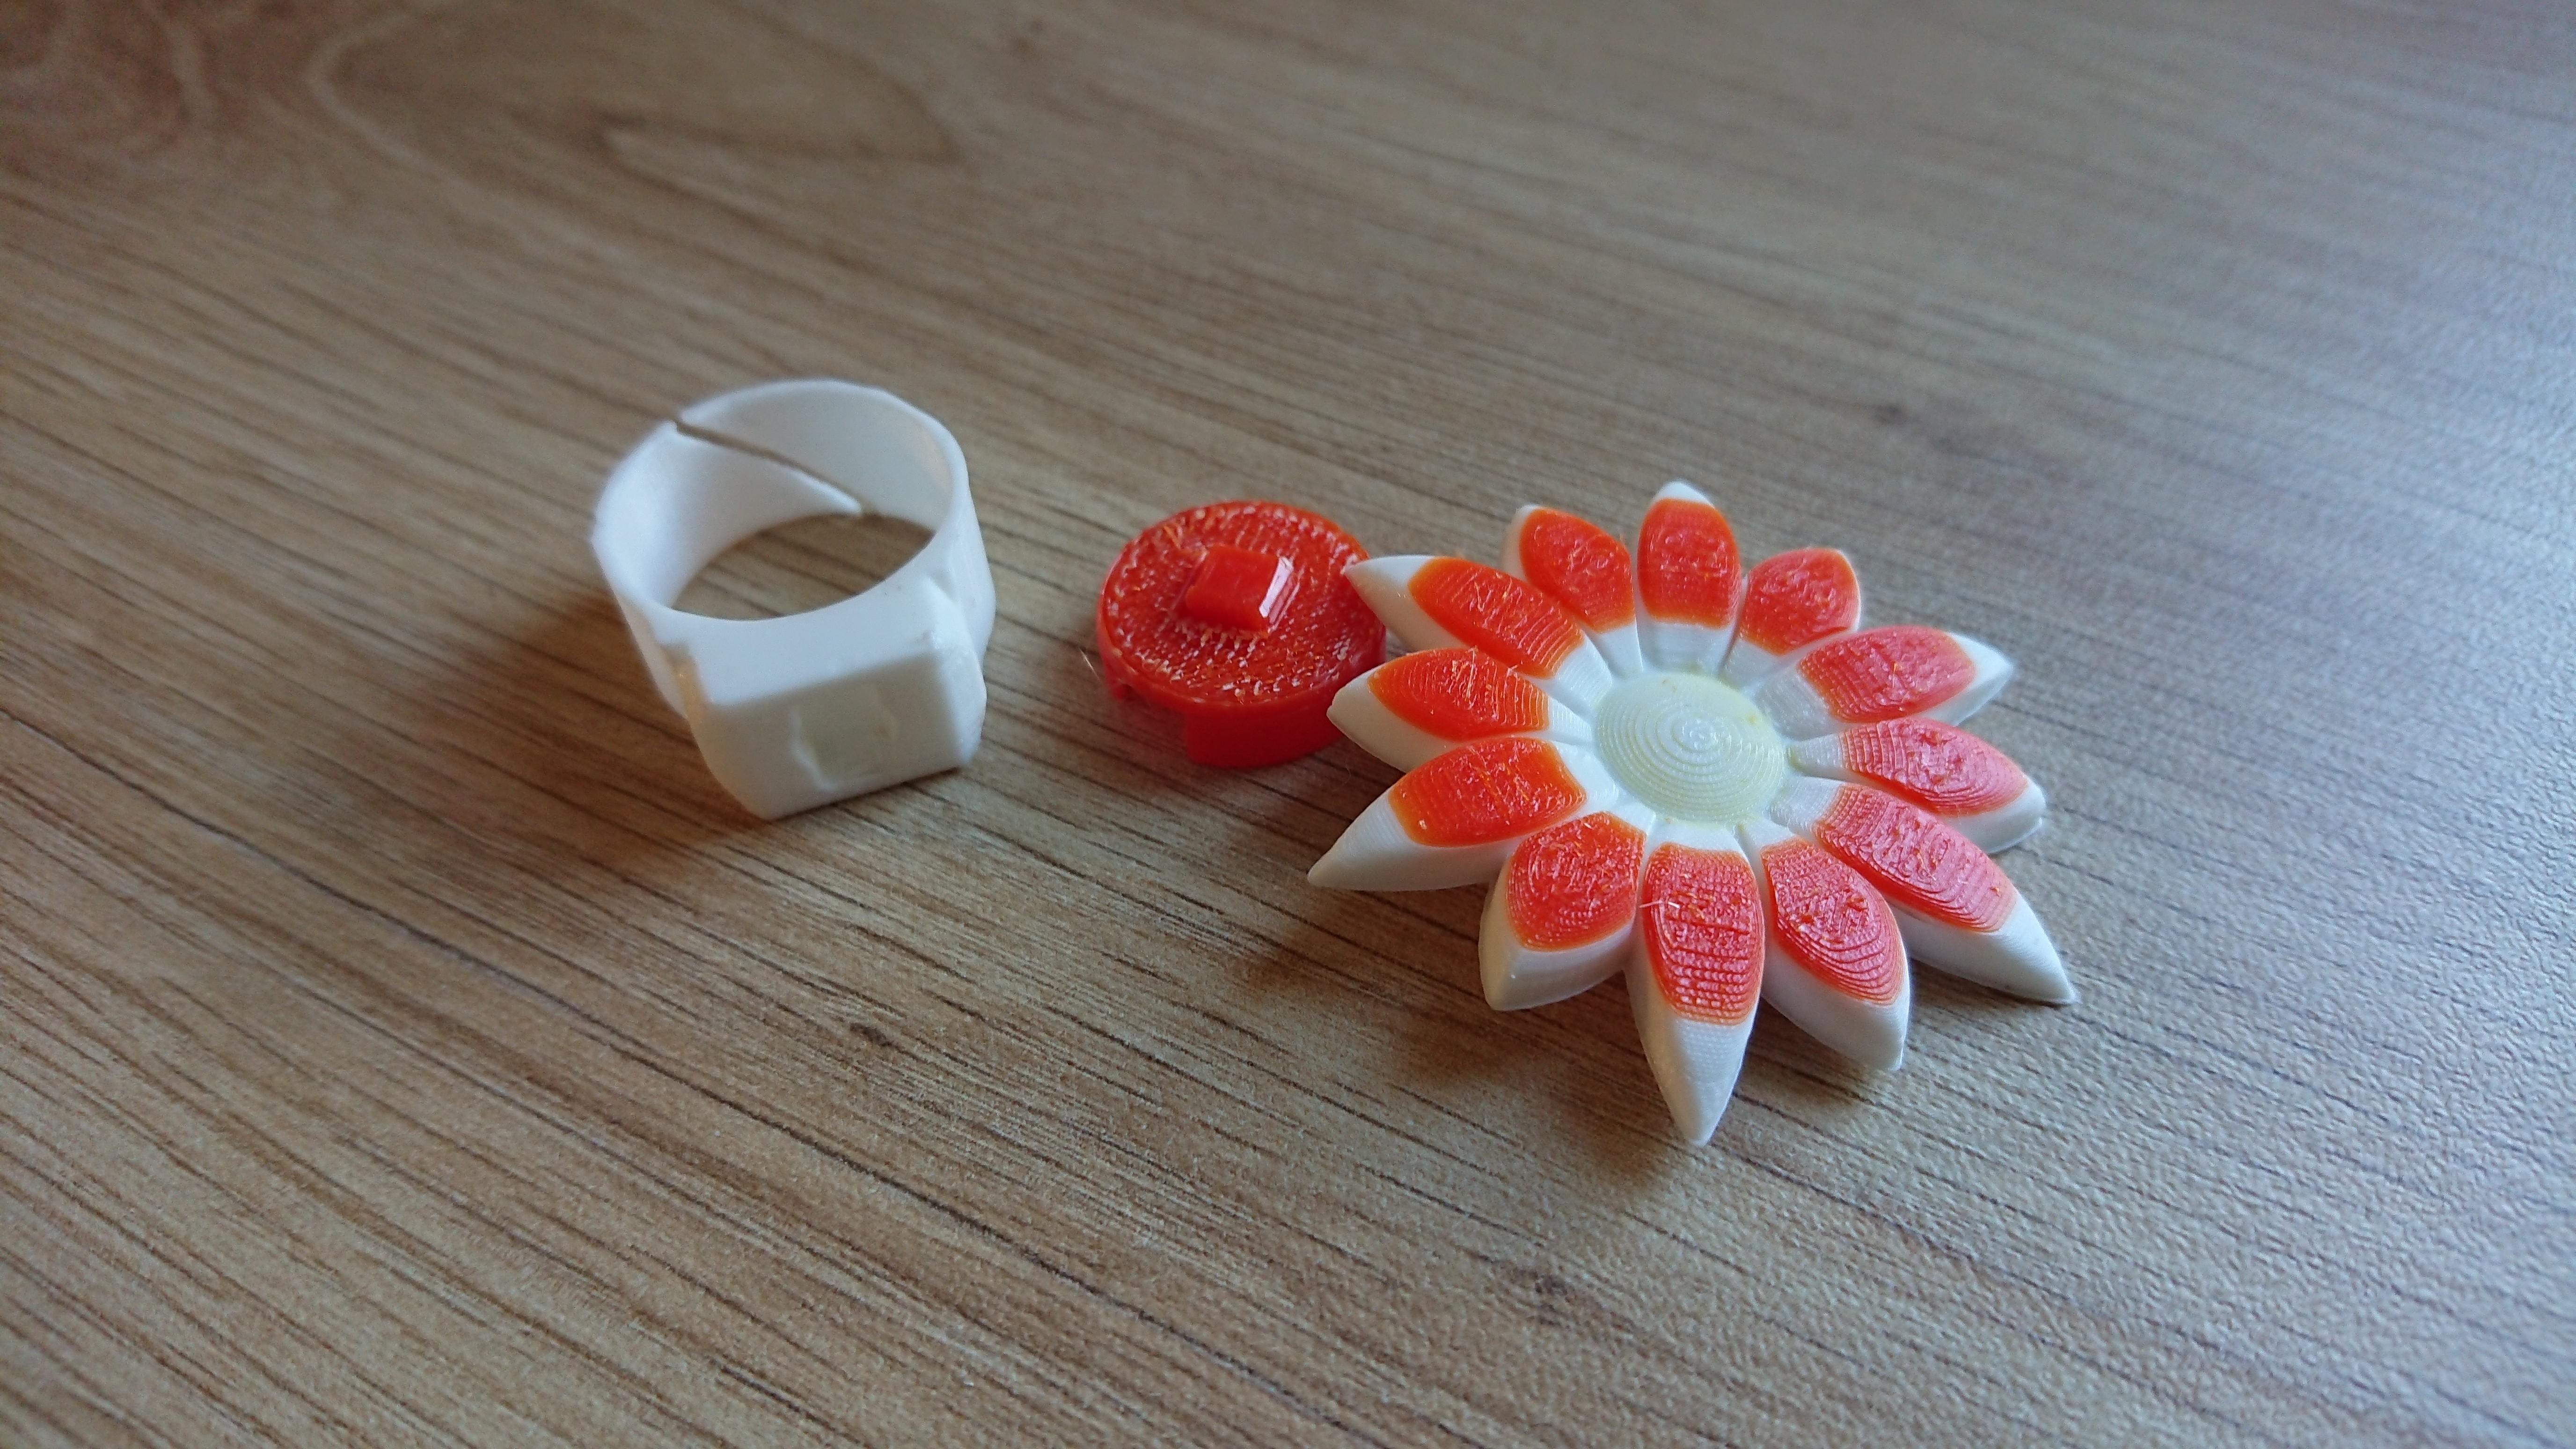 DSC_0231.JPG Download free STL file MODULAR RING • 3D printable design, H33ro